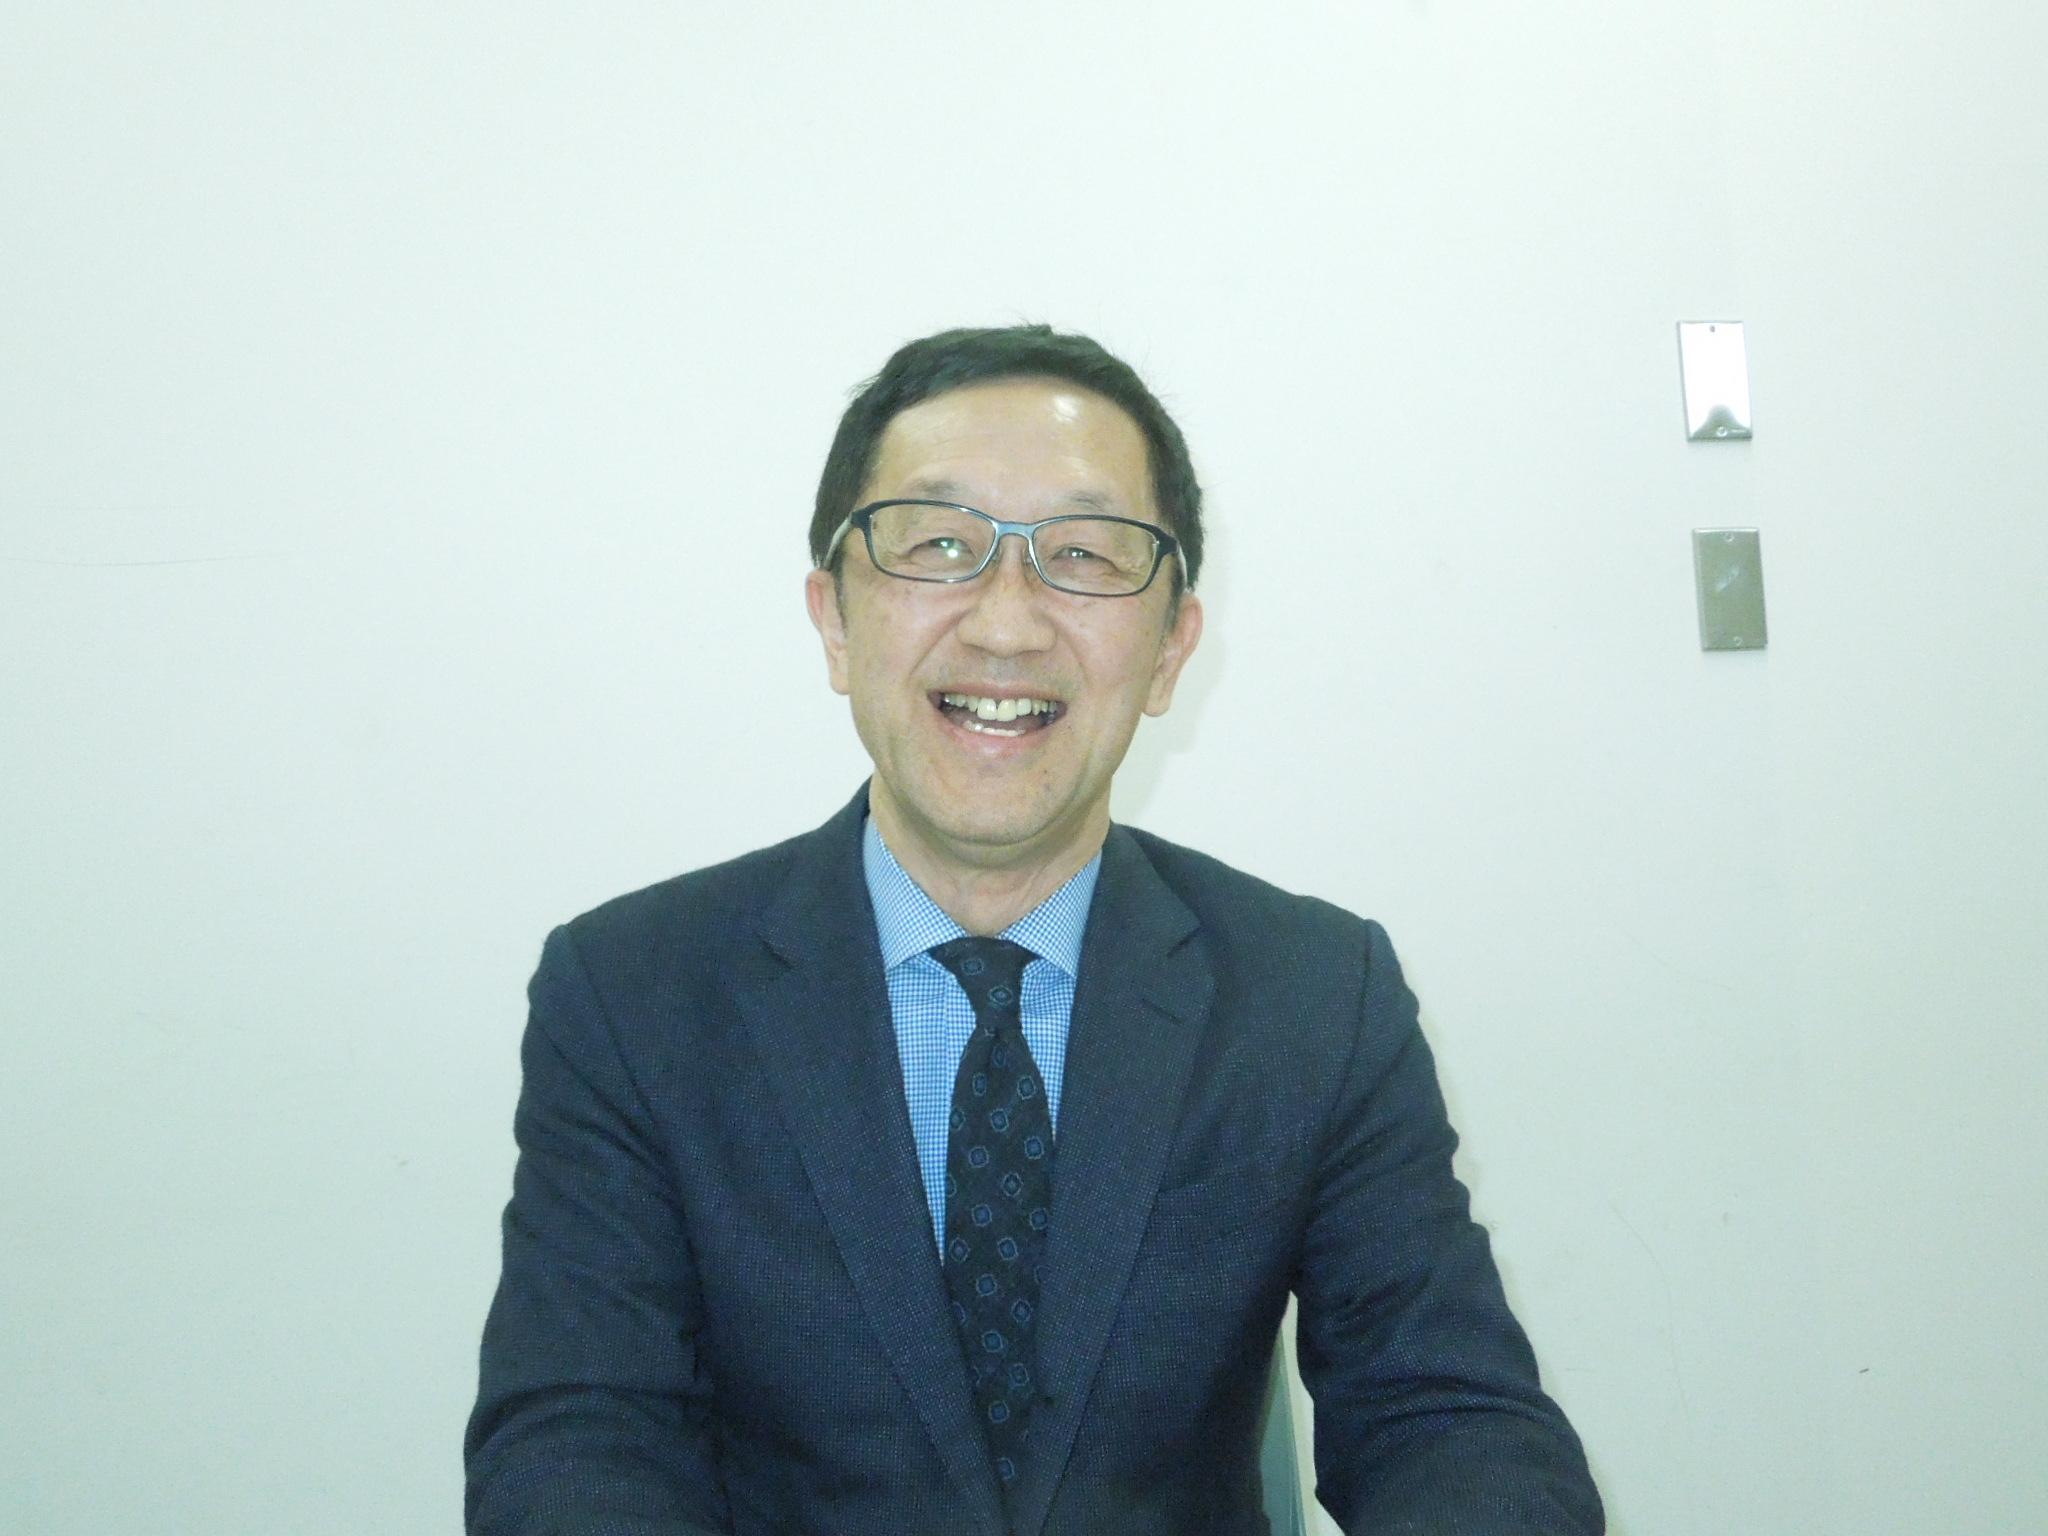 https://blog.newsandchips.com/2020/03/20/blg-img/DSCN0239.JPG